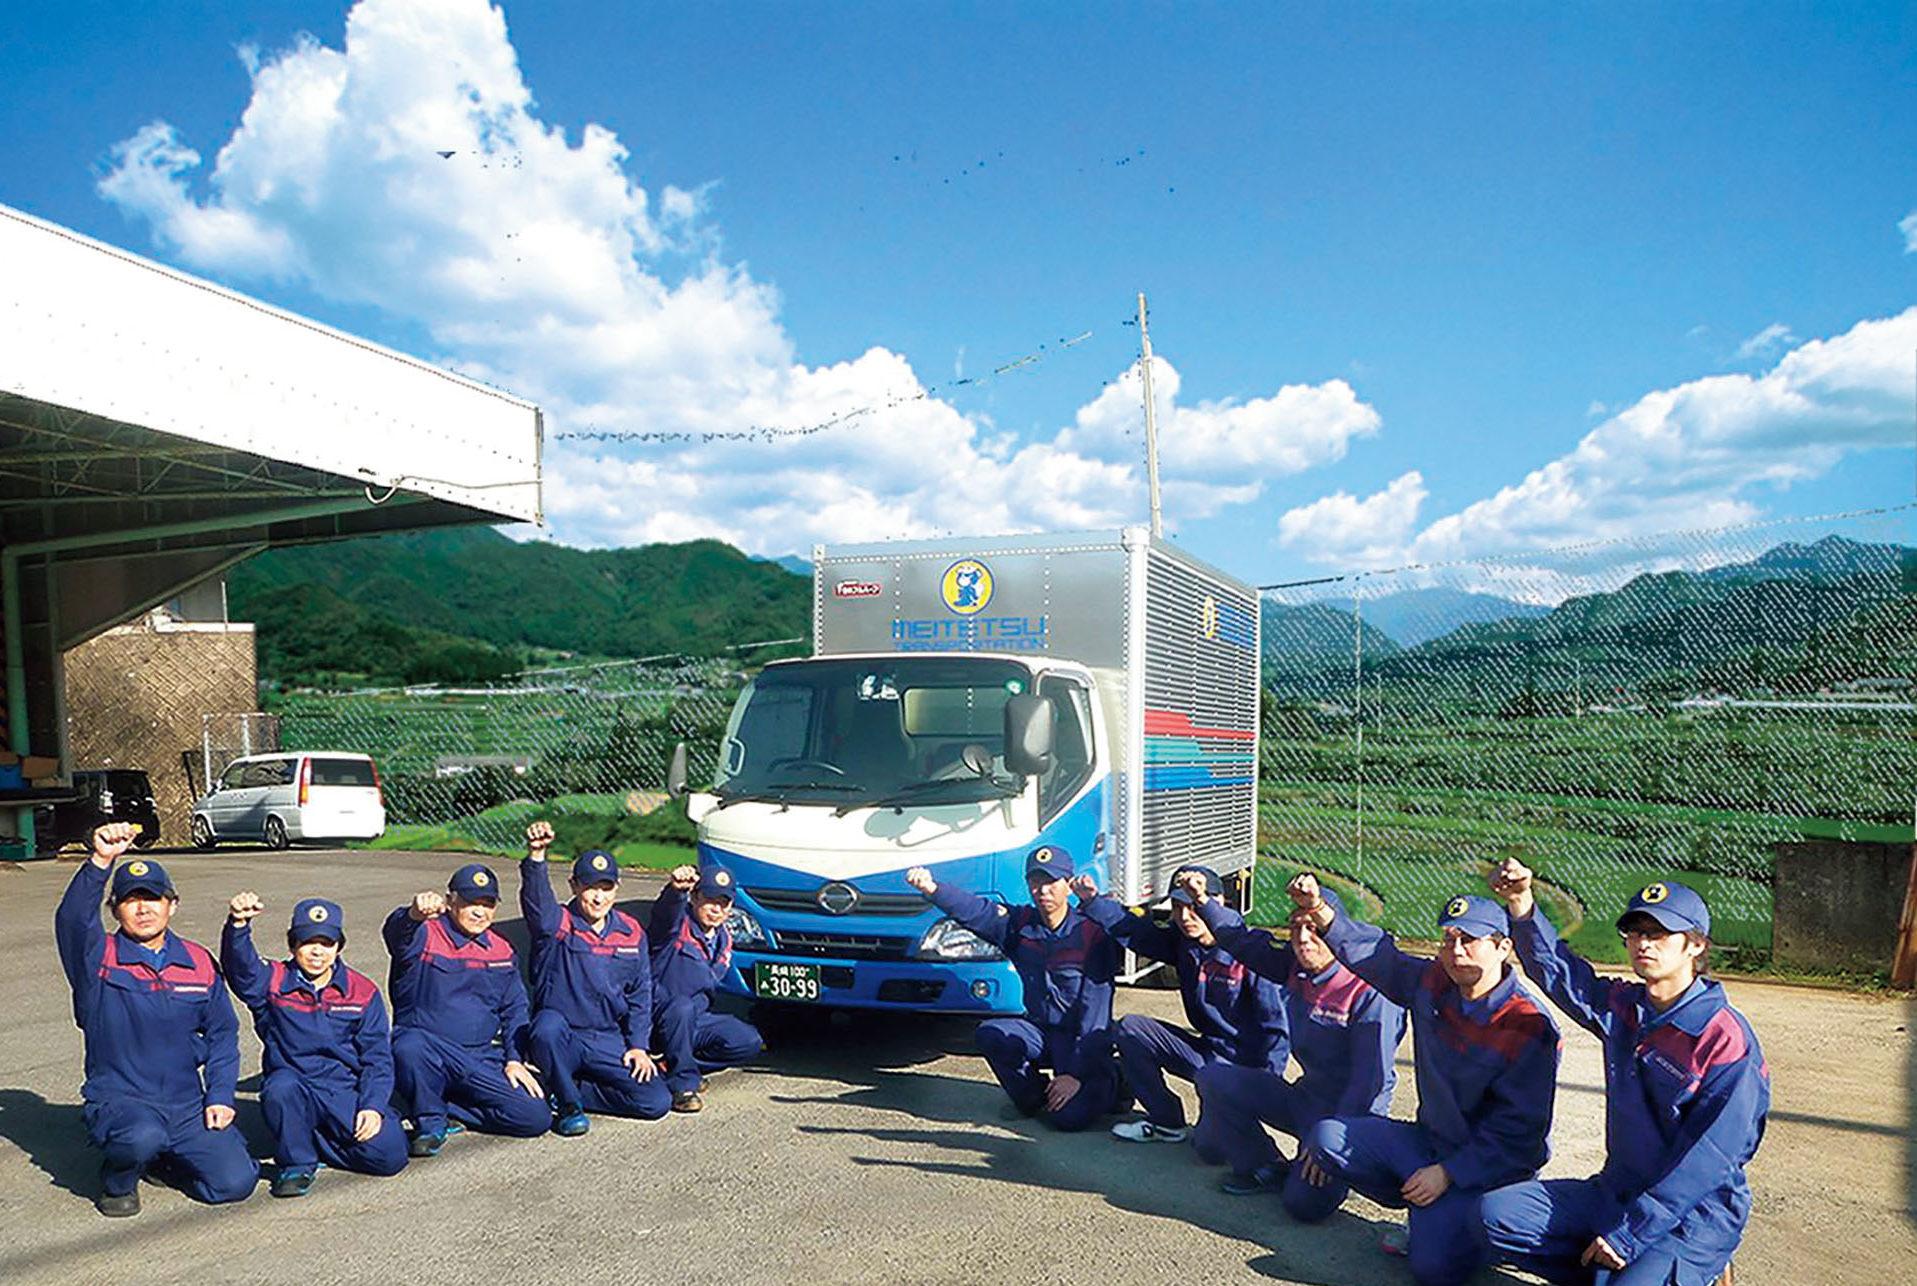 地域の皆様方の日常生活を支える仕事(九州名鉄運輸株式会社)